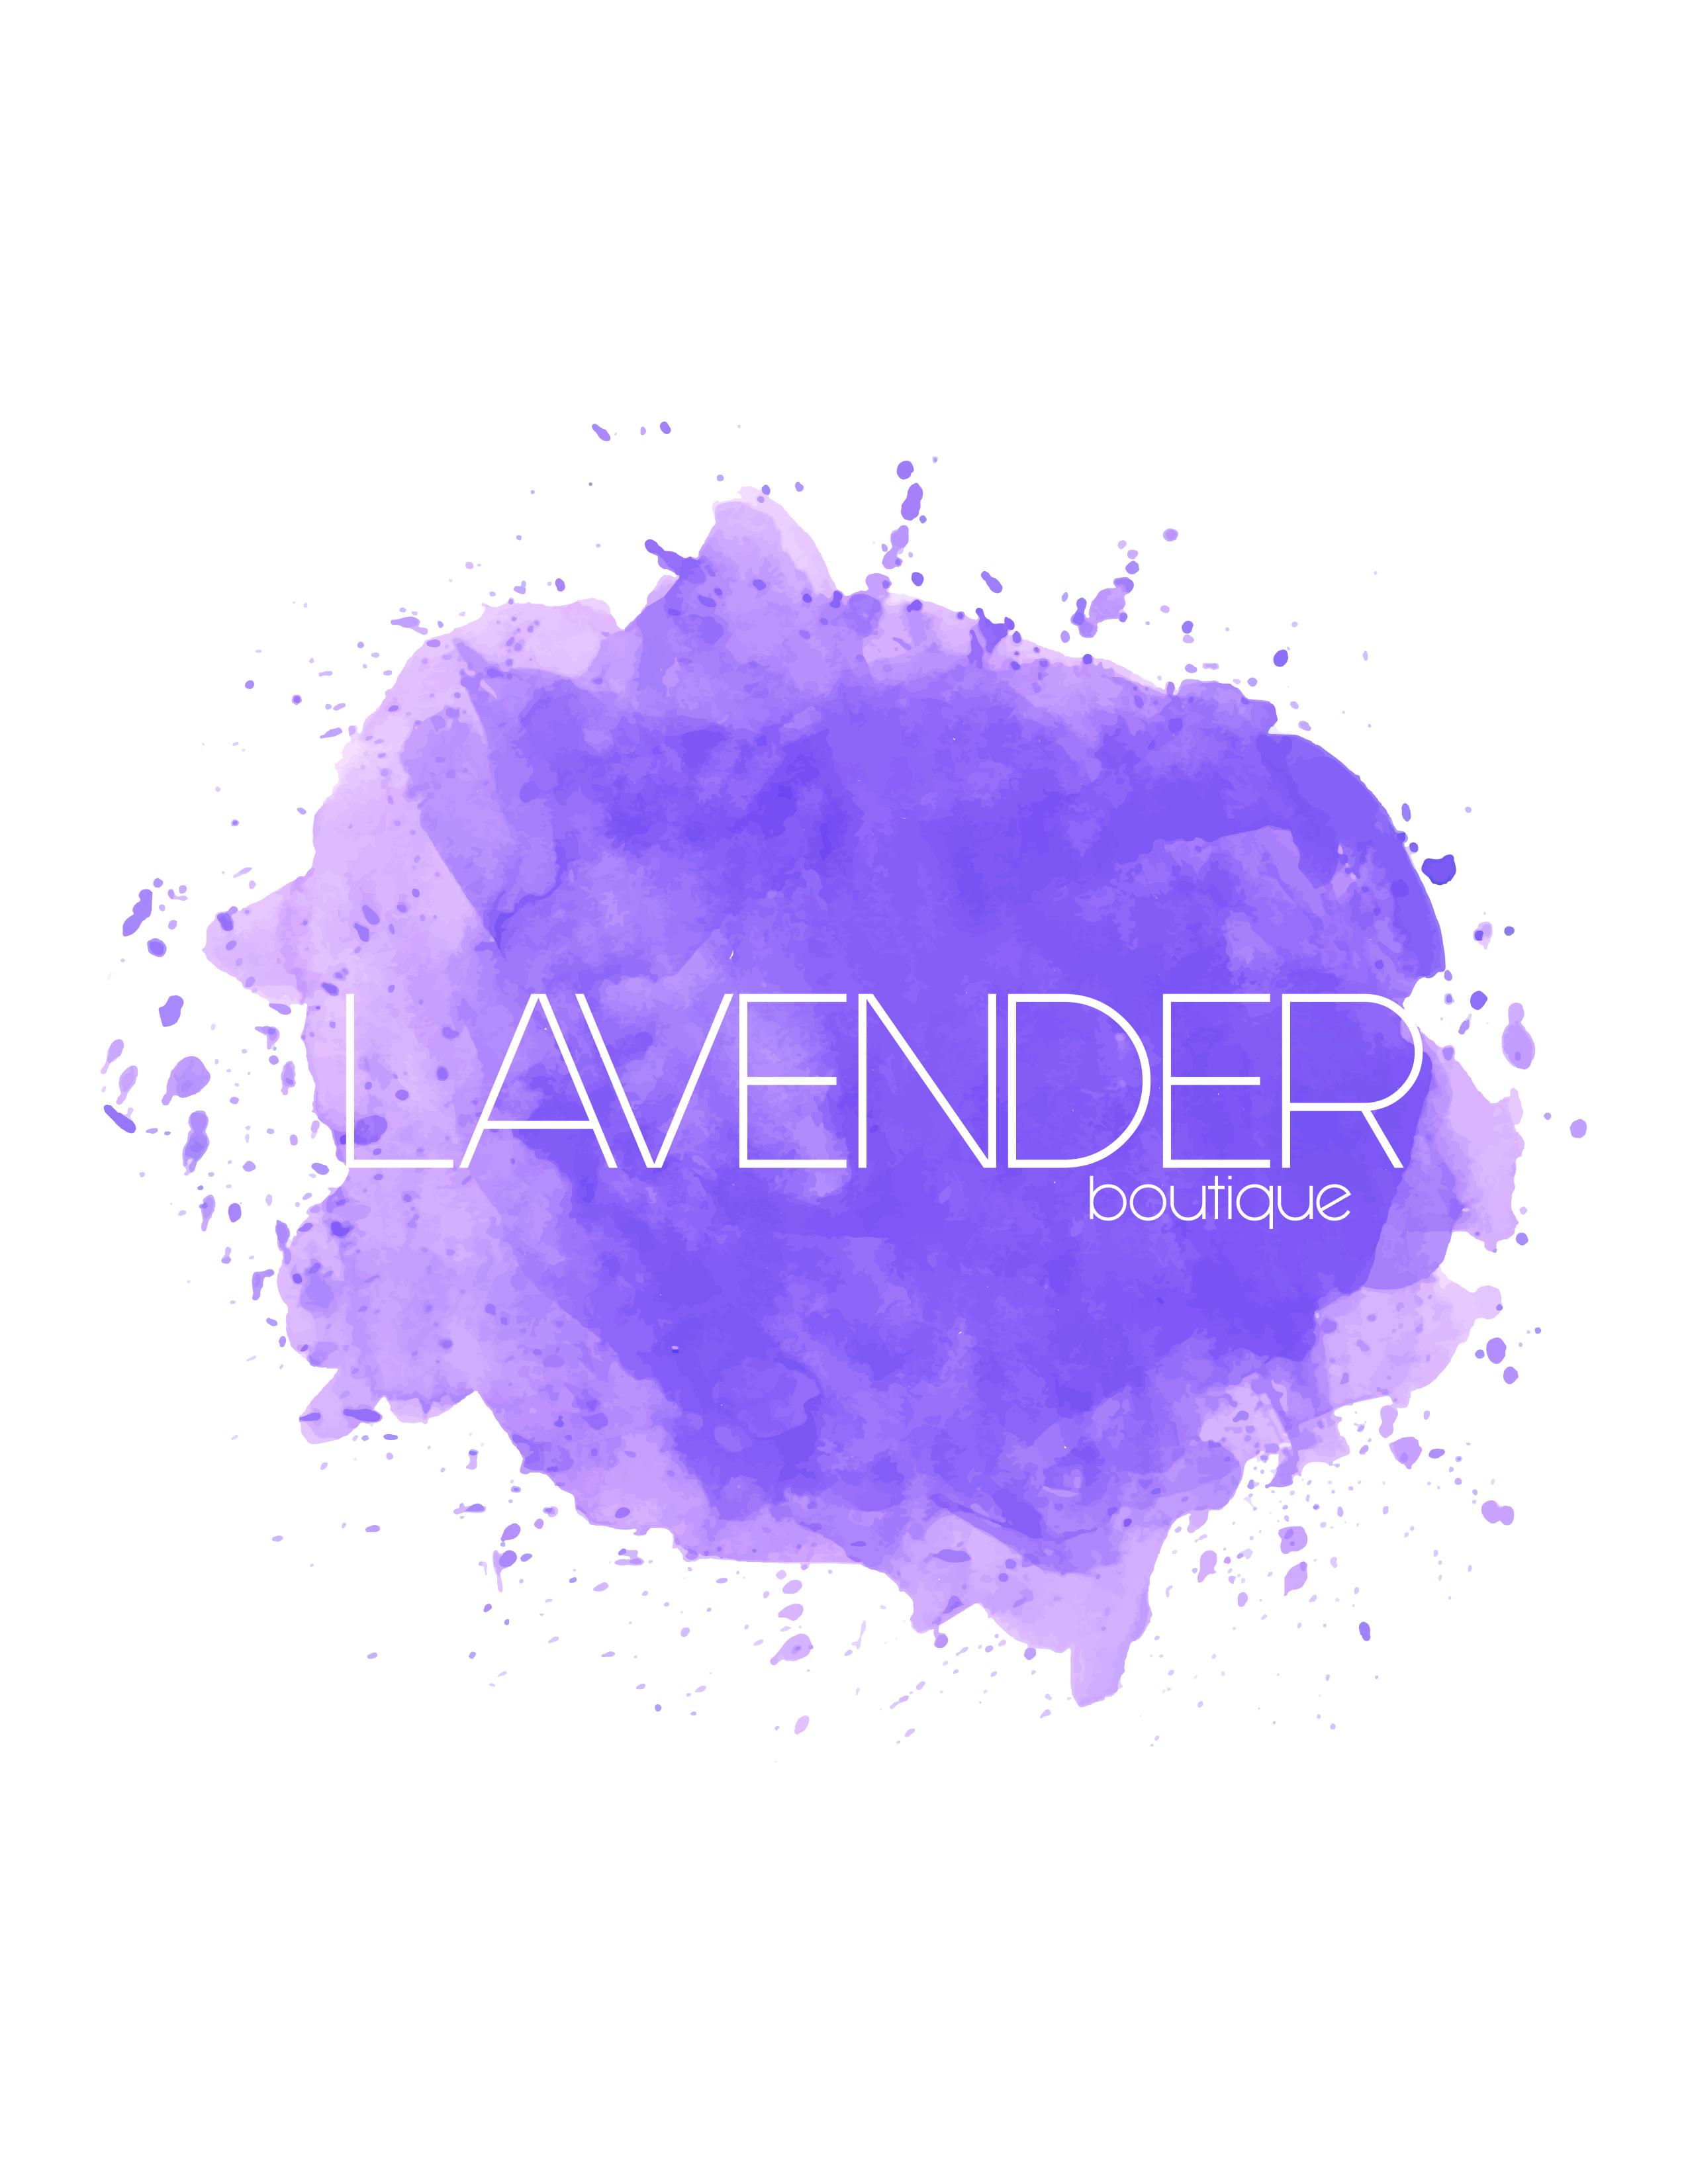 Lavender Boutique – A7